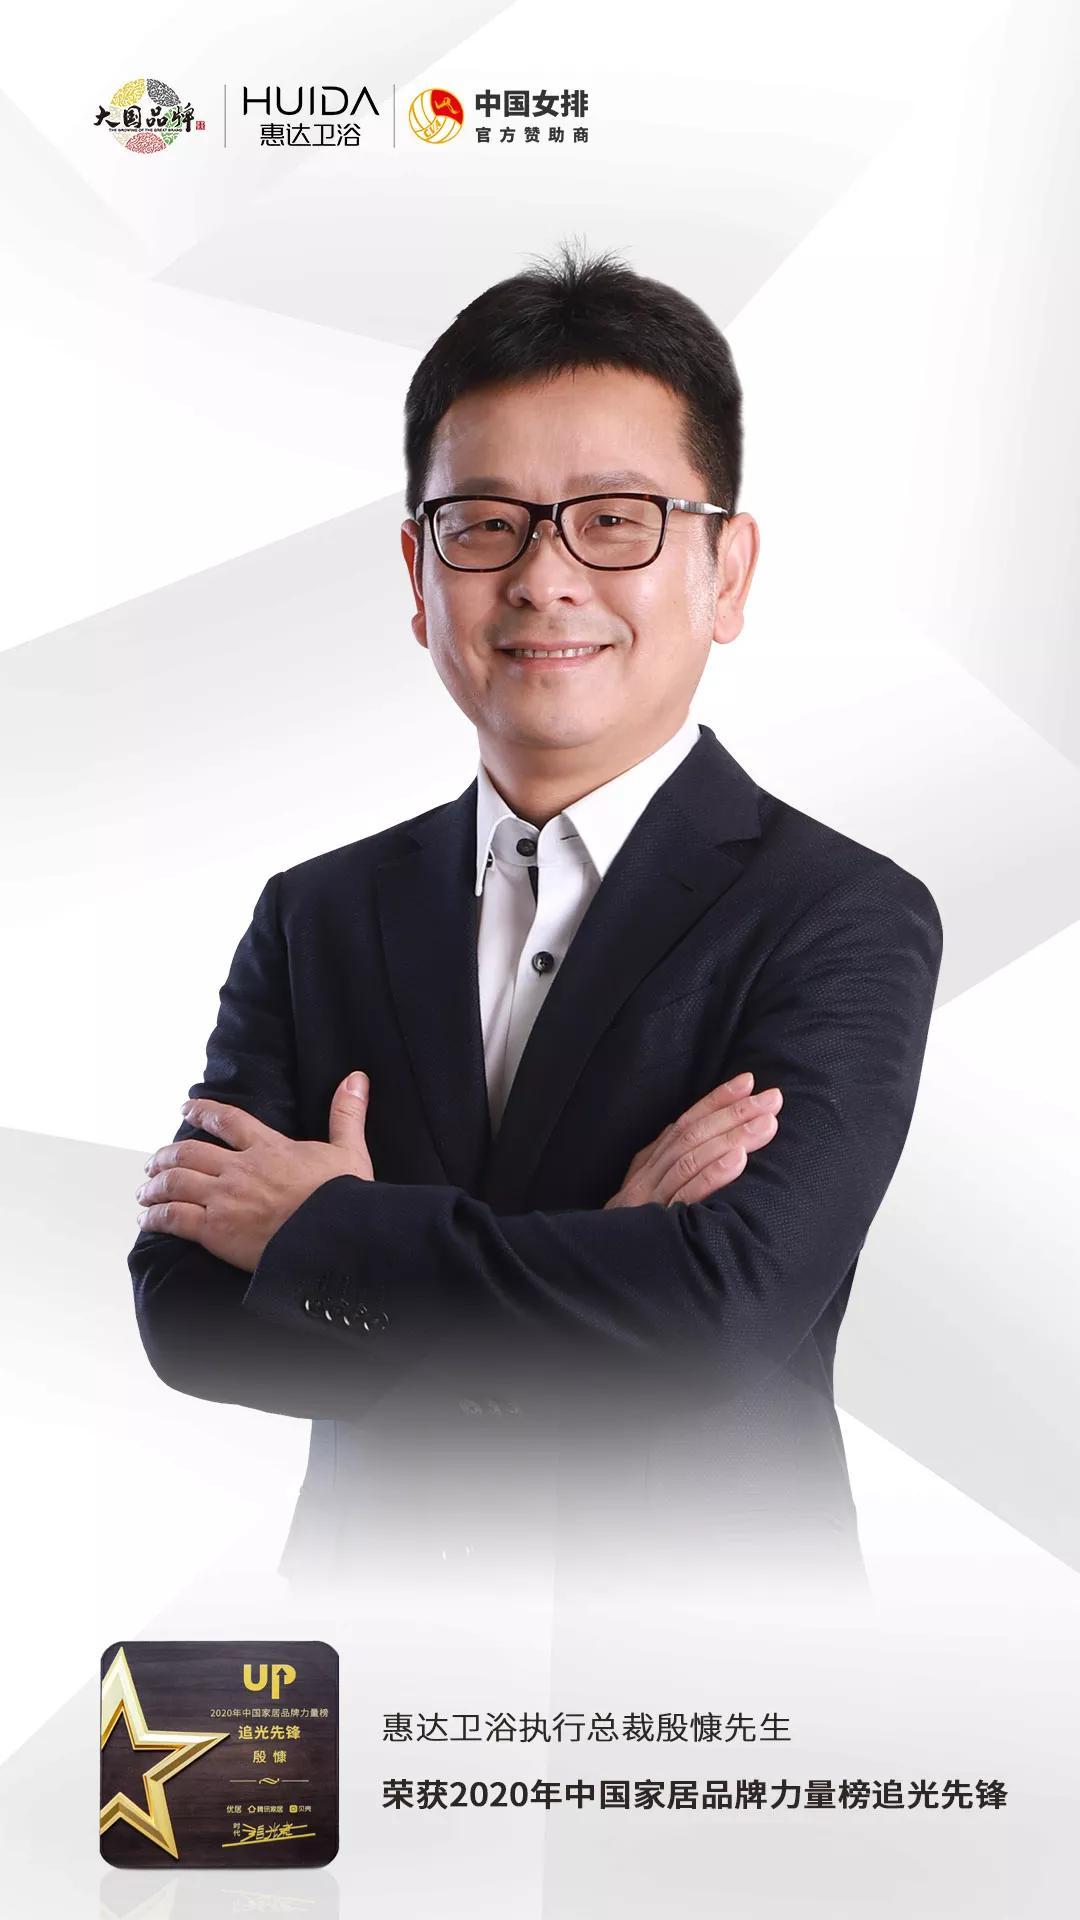 中国家居产业数字化峰会新葡的京集团350vip8888王彦庆、殷慷获追光领袖、先锋奖